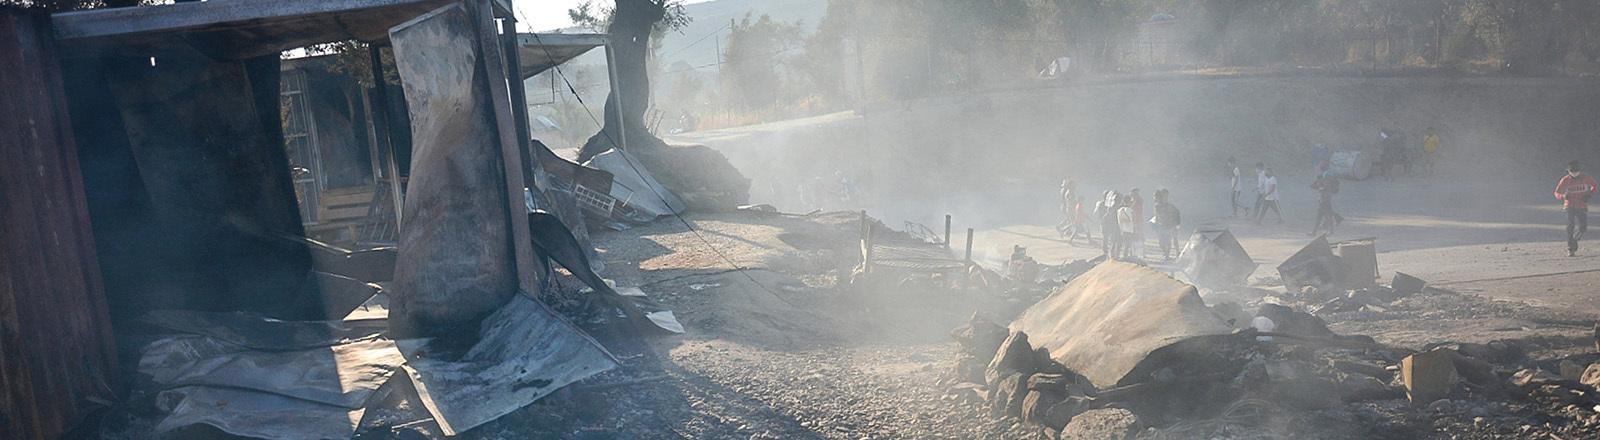 Szene im Flüchtlingslager Moria nach einem Brand. Es liegen verkohlte Gegenstände herum, ein Container ist komplett ausgebrannt, es raucht und Menschen gehen umher (09.09.2020)